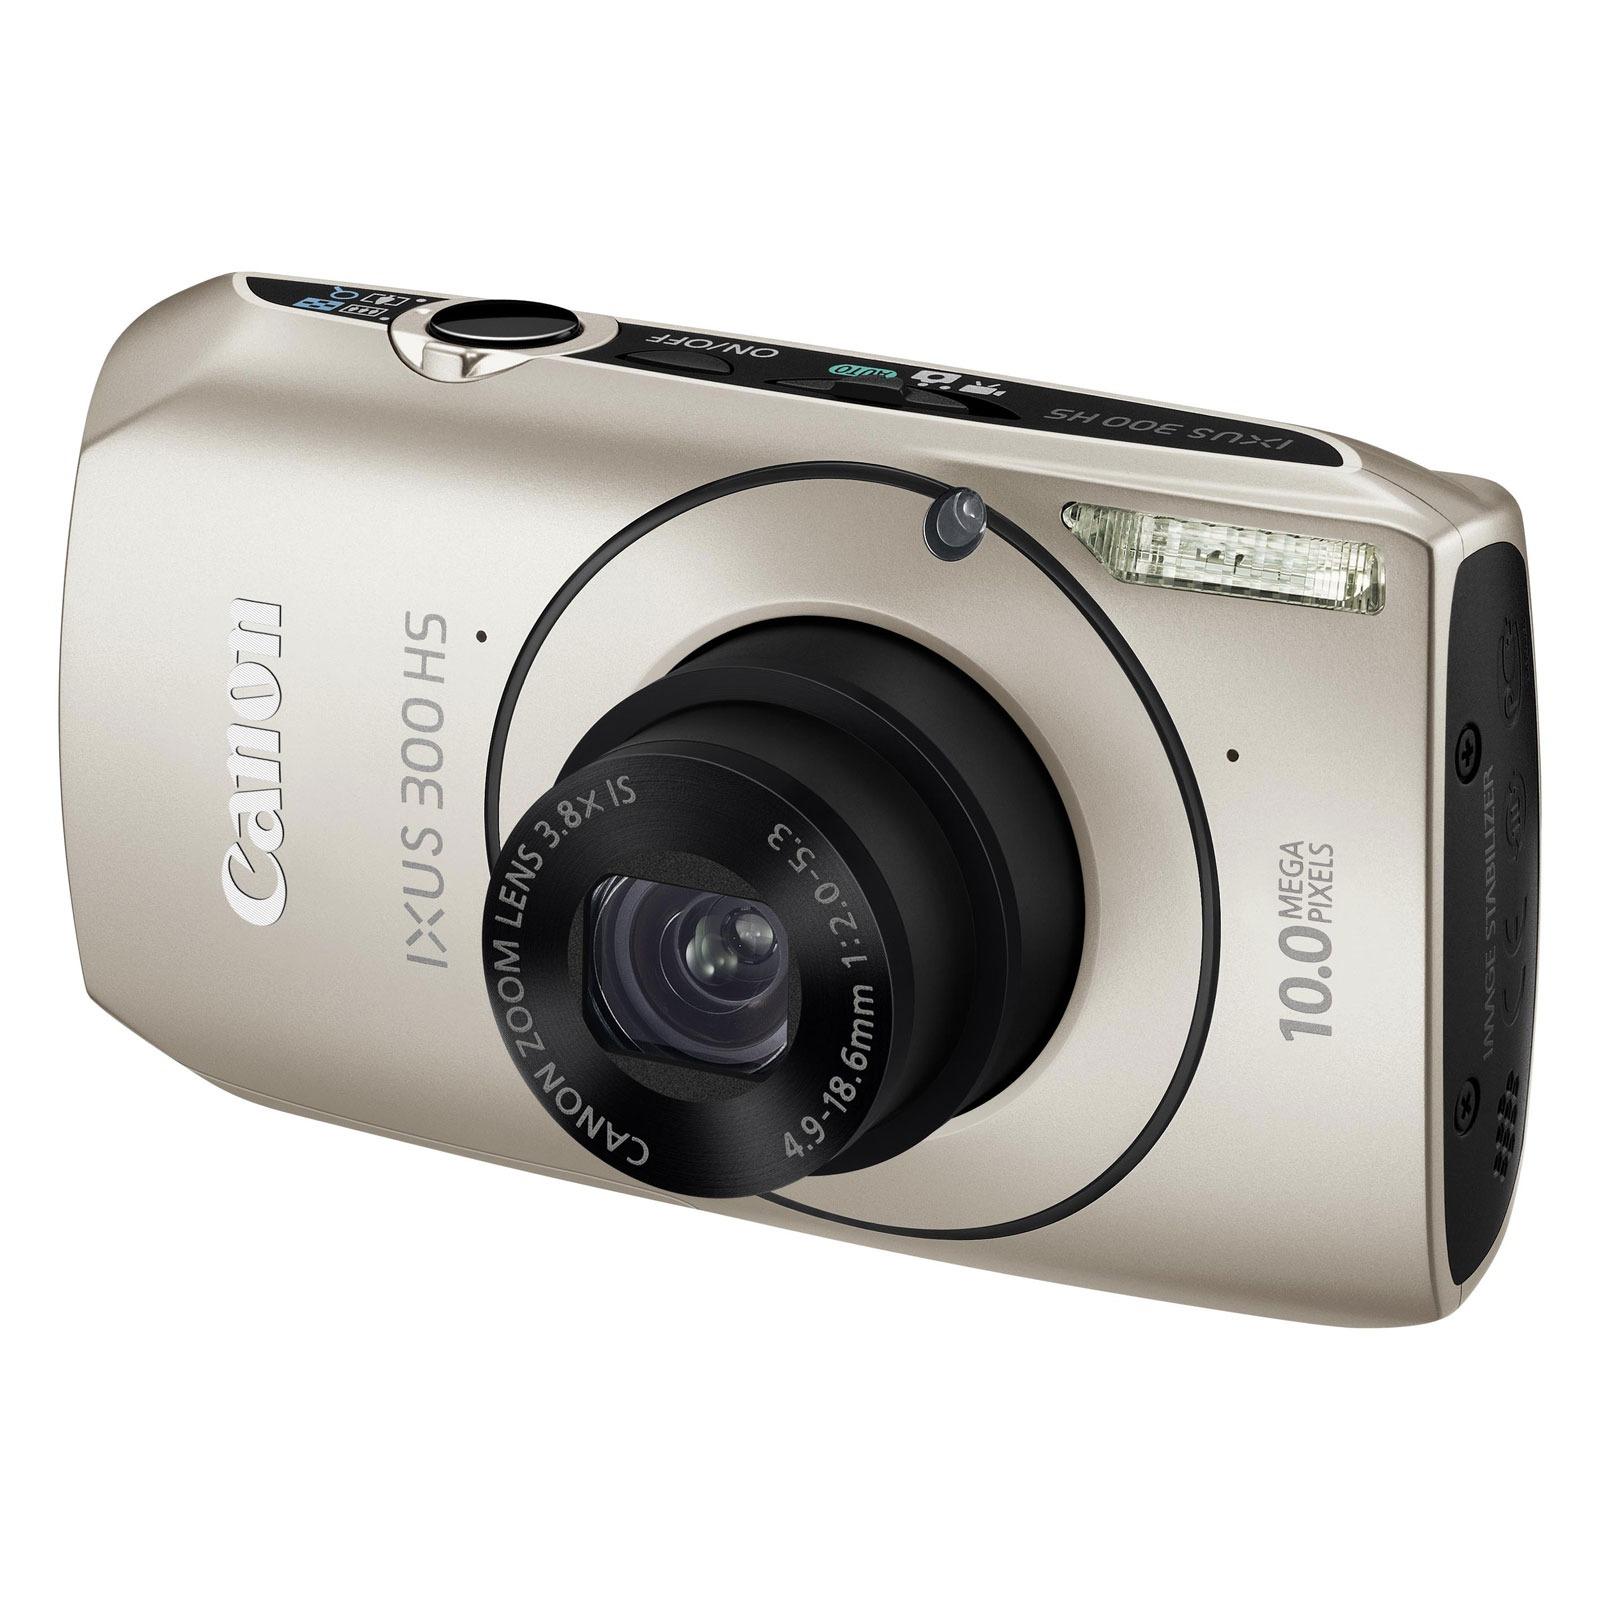 Appareil photo numérique Canon IXUS 300 HS Argent Canon IXUS 300 HS Argent - Appareil photo 10 MP - Zoom 3.8x - Vidéo HD